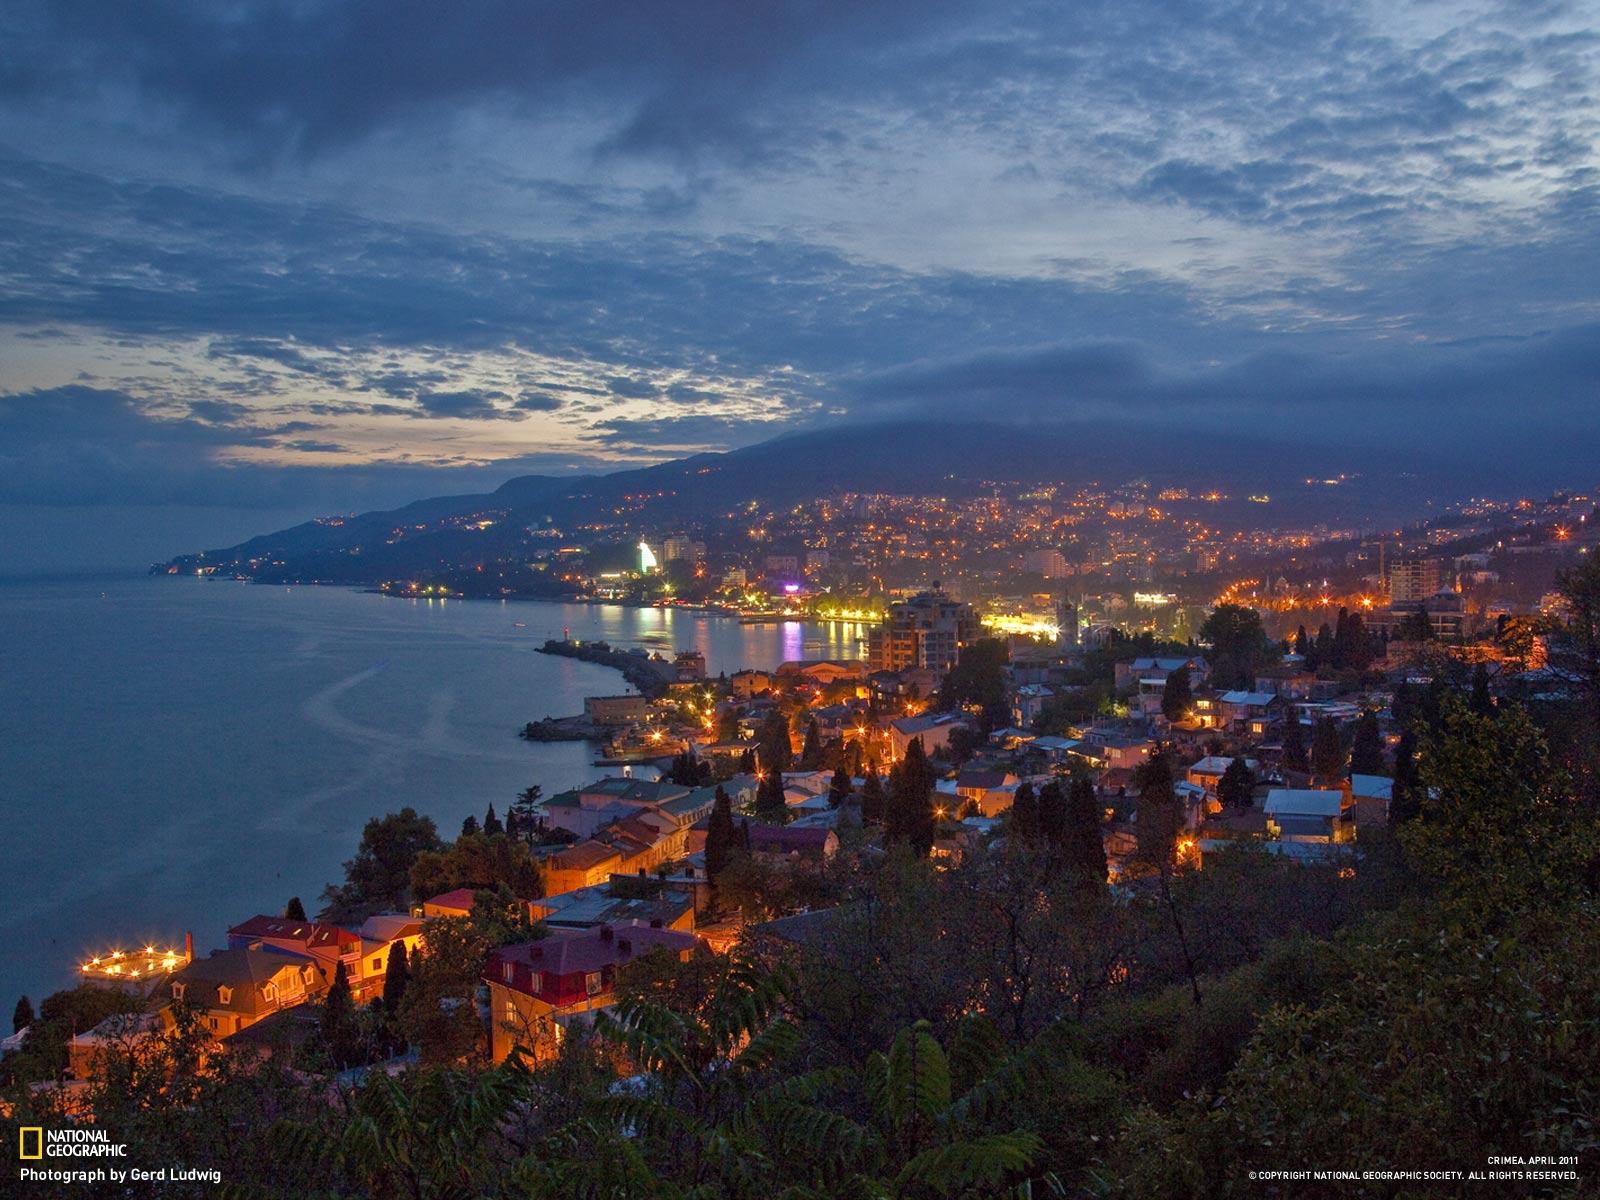 Крым, Ялта, ночной город, города, страны, Россия